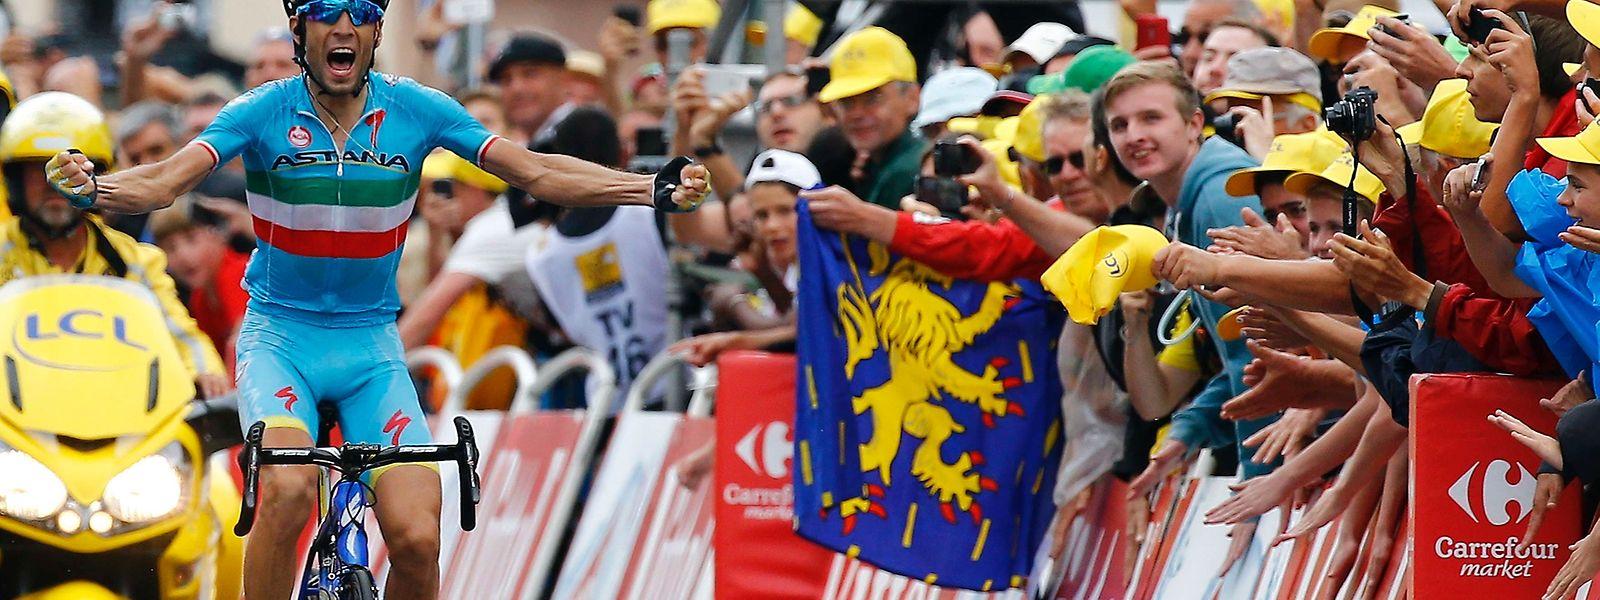 Vincenzo Nibali fuhr heute mit absolutem Willen zum Sieg.